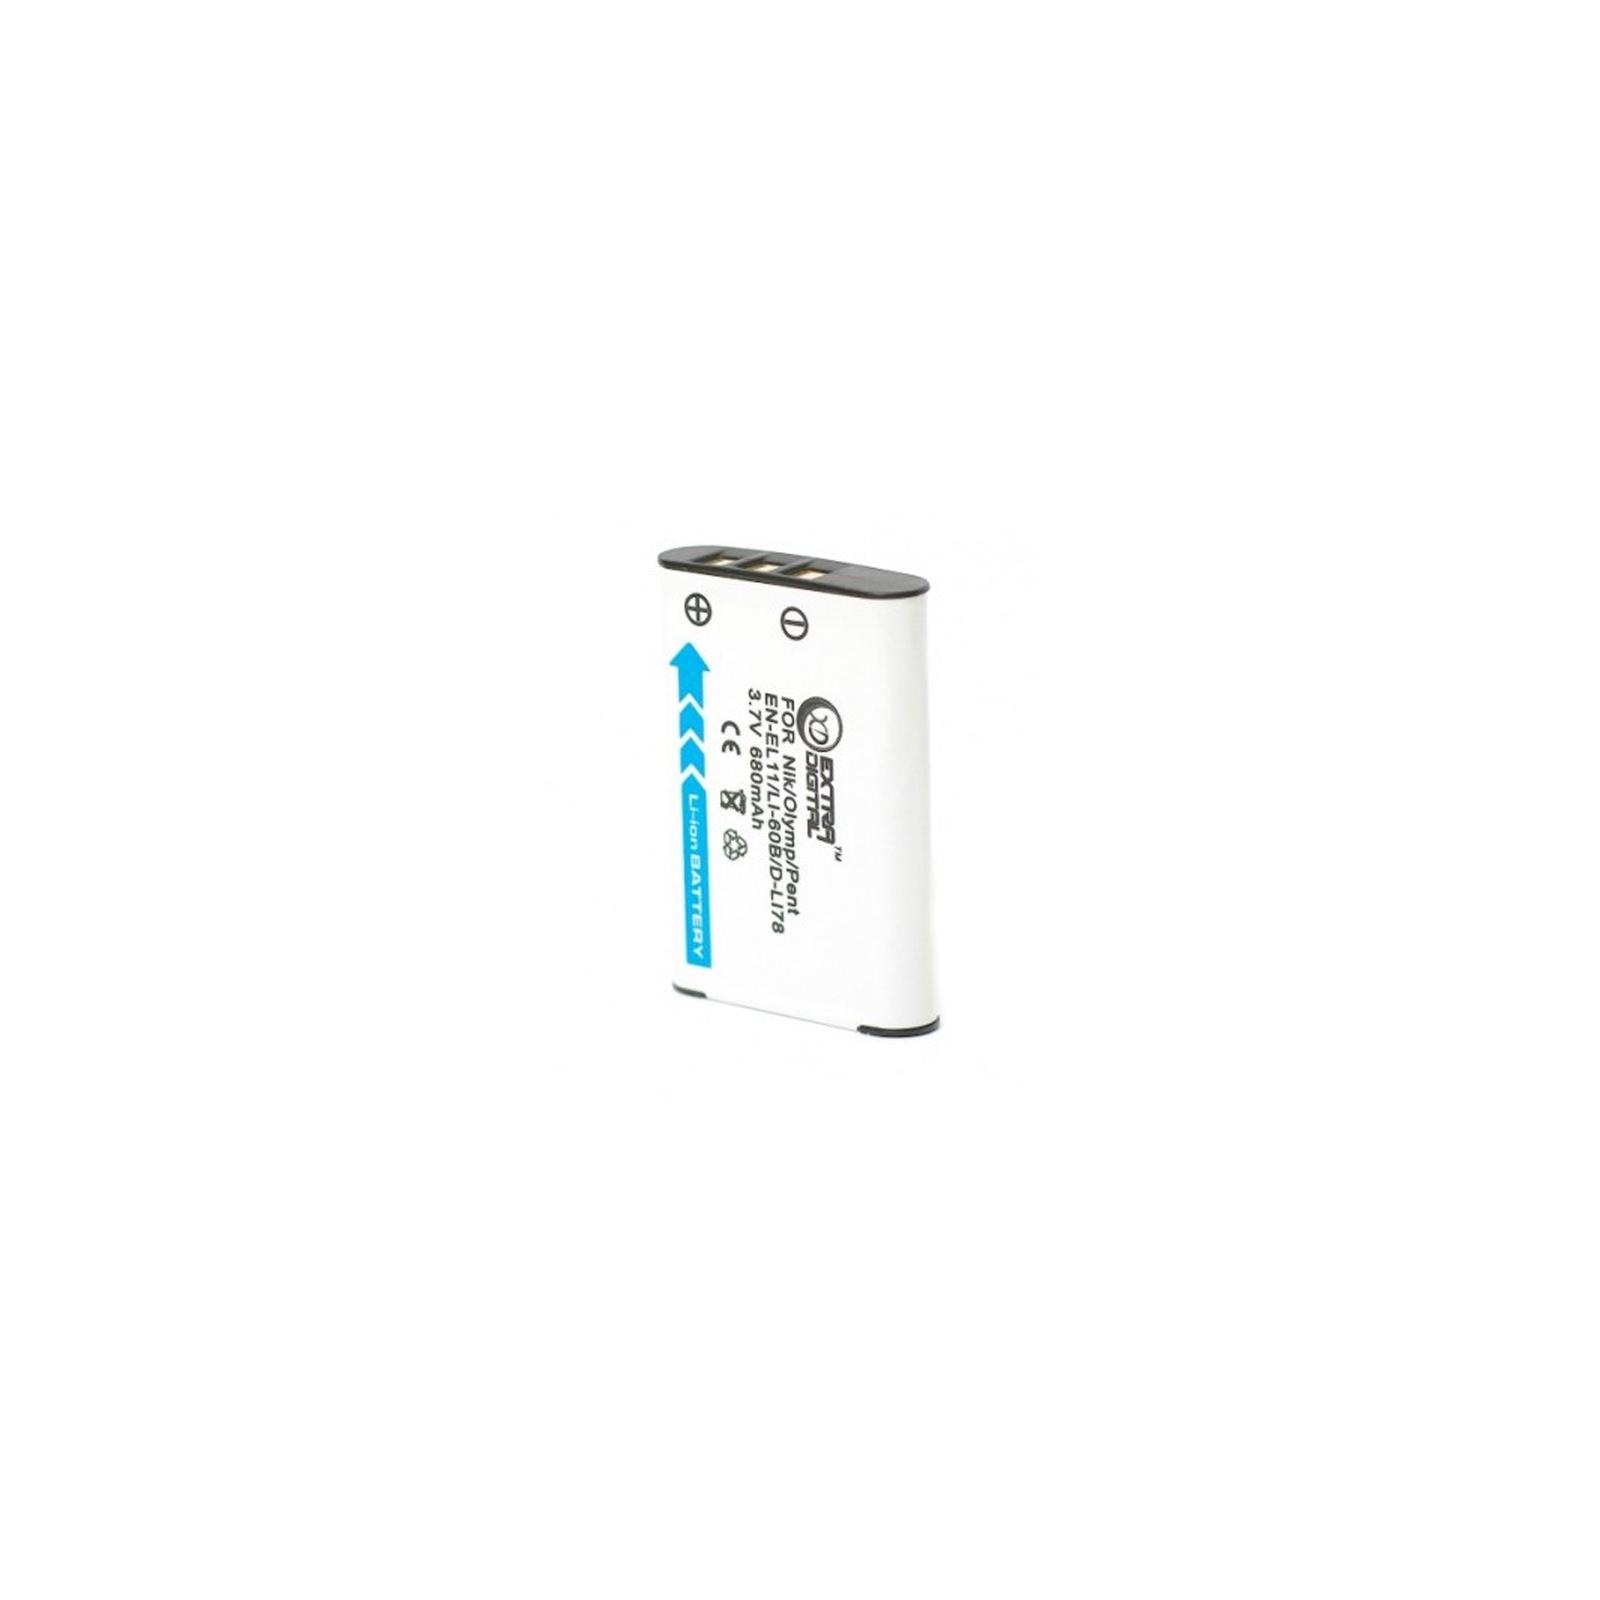 Аккумулятор к фото/видео EXTRADIGITAL Olympus LI-60B, EN-EL11, D-LI78, DB-80, DB-L70 (DV00DV1332) изображение 2